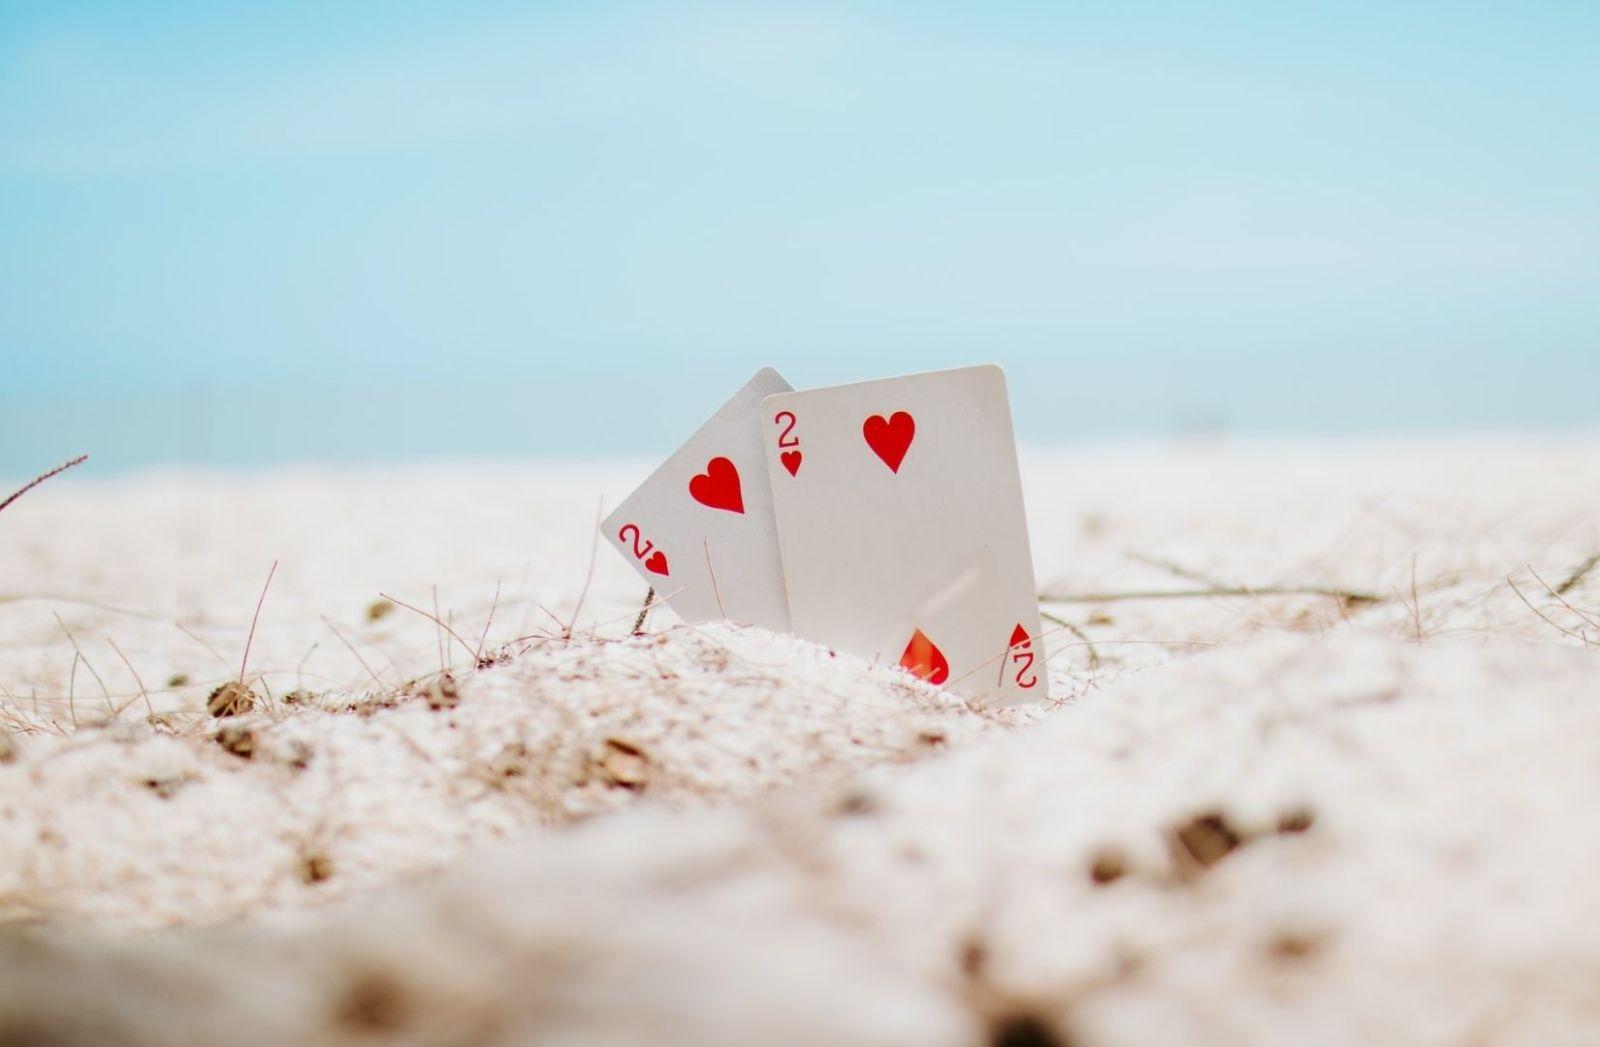 Viele Menschen lieben es Karten zu spielen. (Foto: Muaz Aj, Unsplash.com)